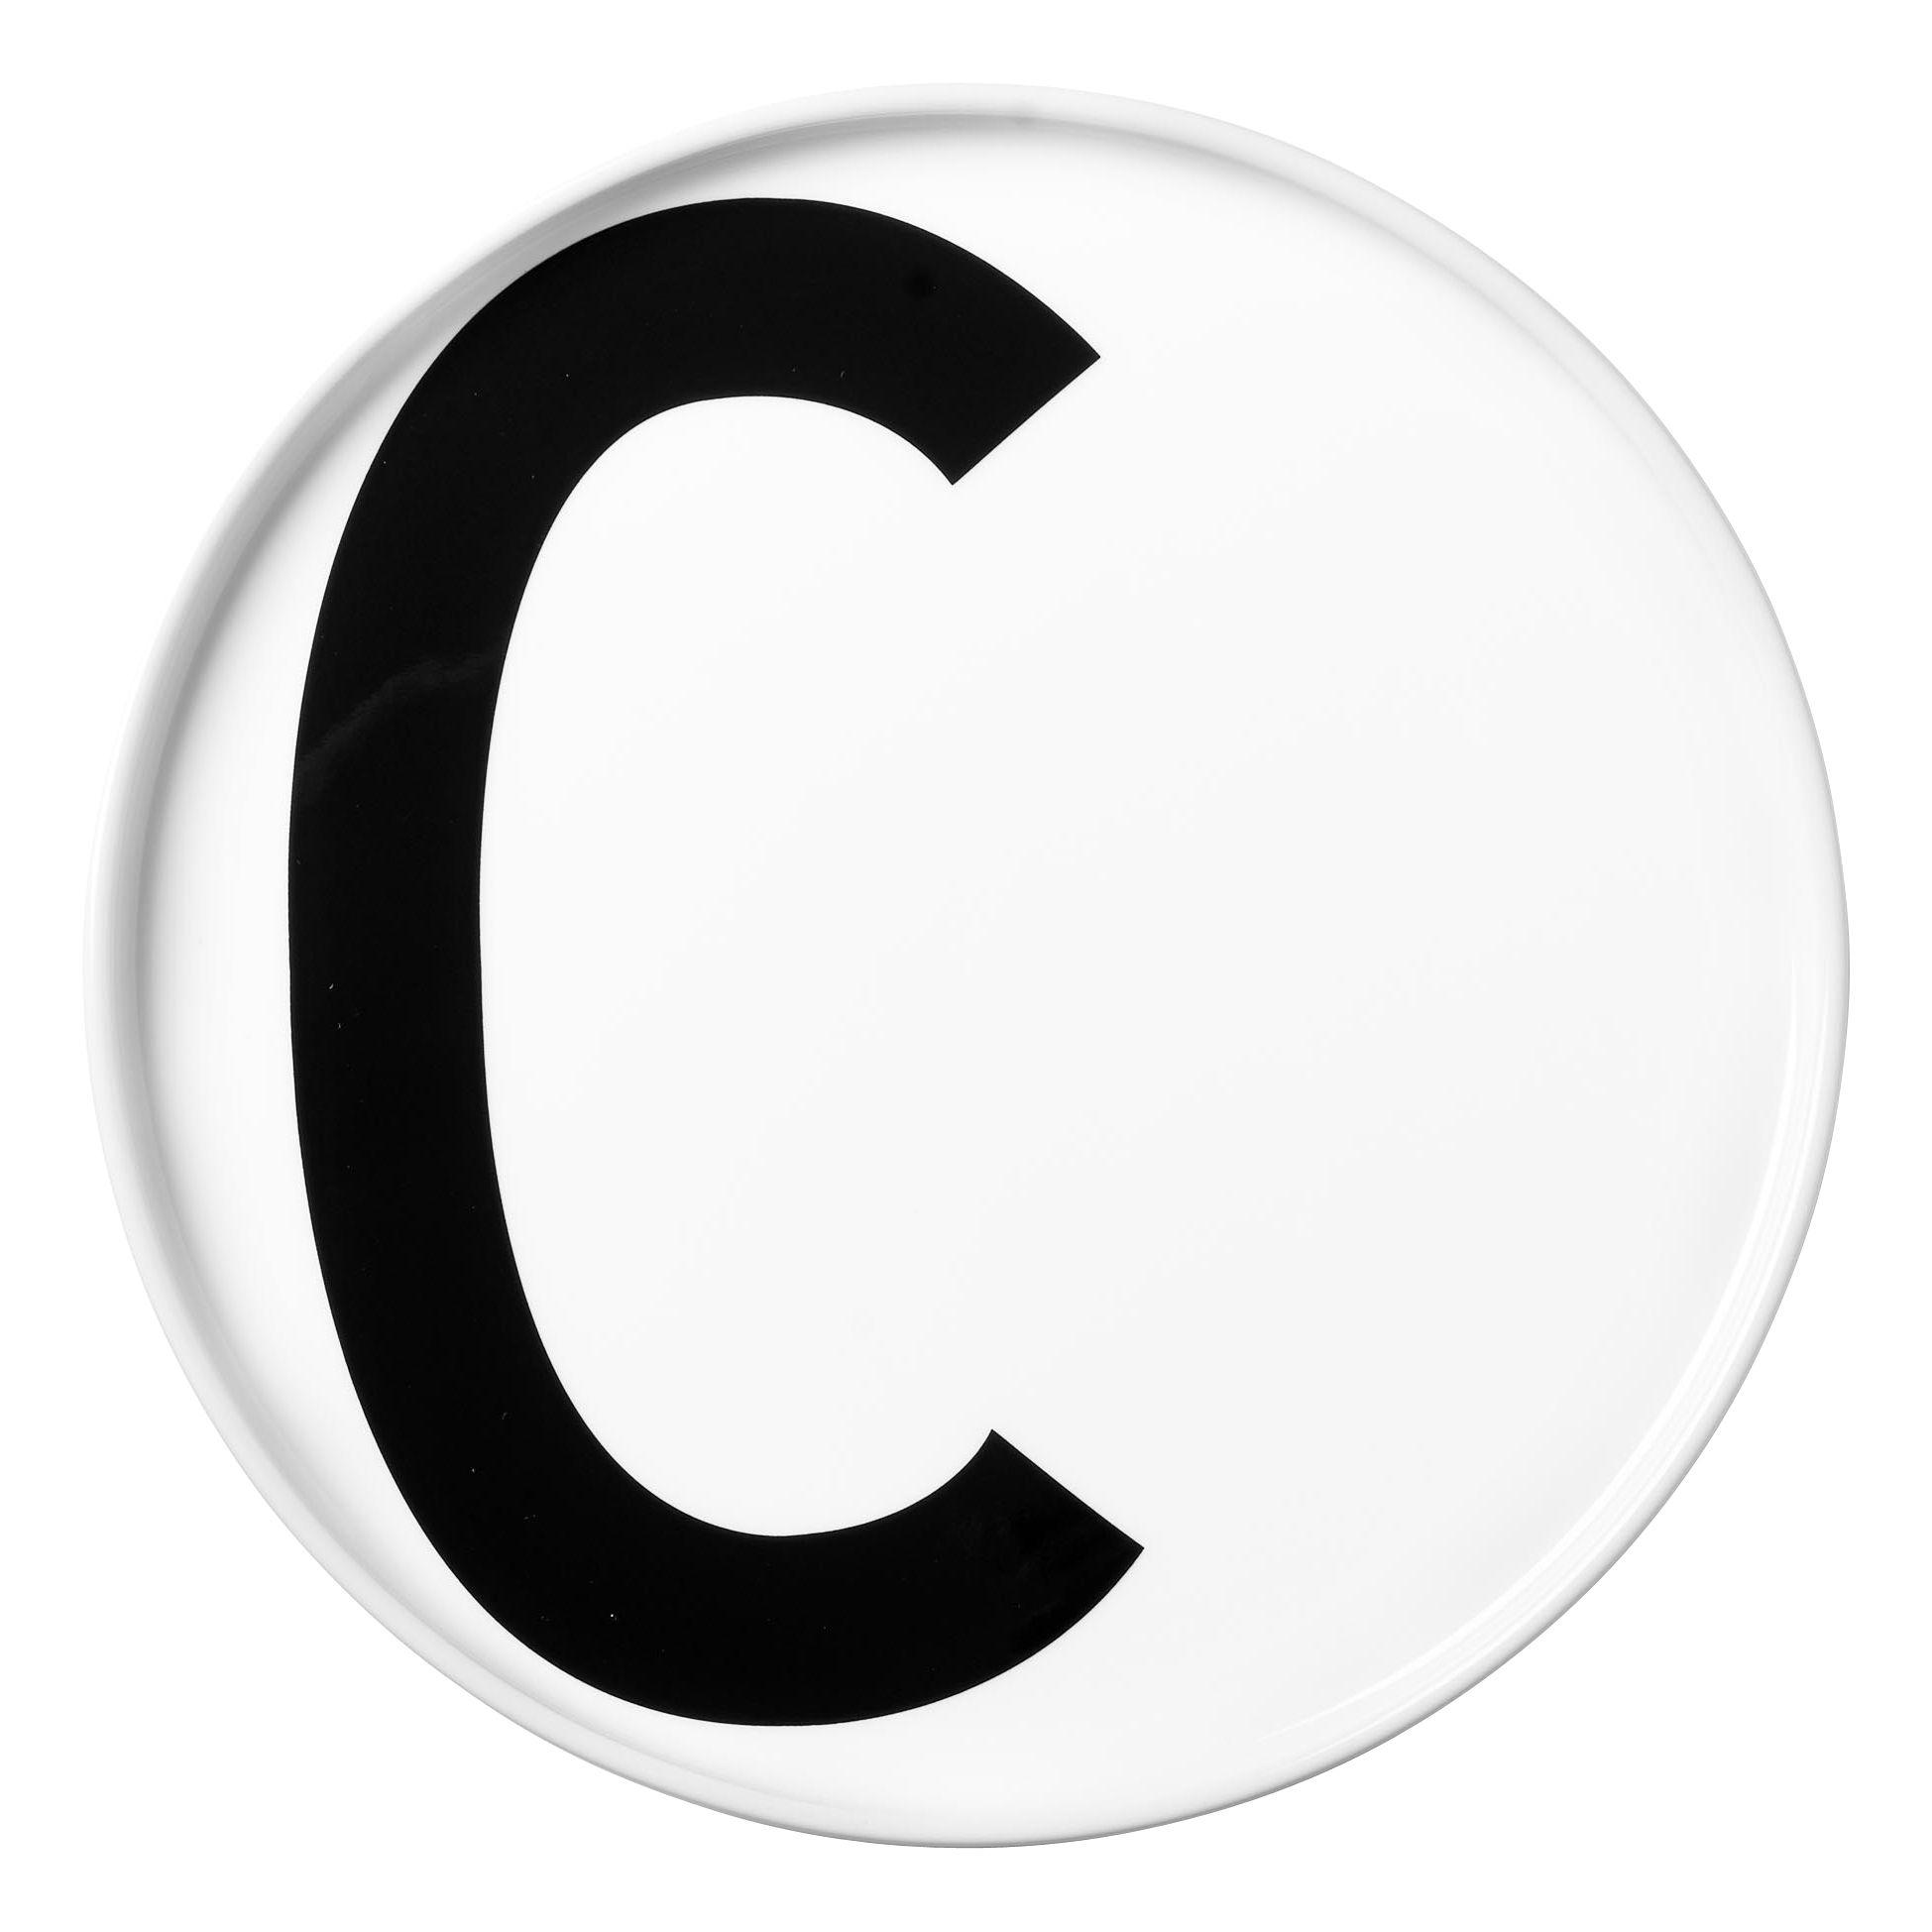 Tavola - Piatti  - Piatto A-Z / Porcellana - Lettera C - Ø 20 cm - Design Letters - Bianco / Lettera C - Porcellana cinese